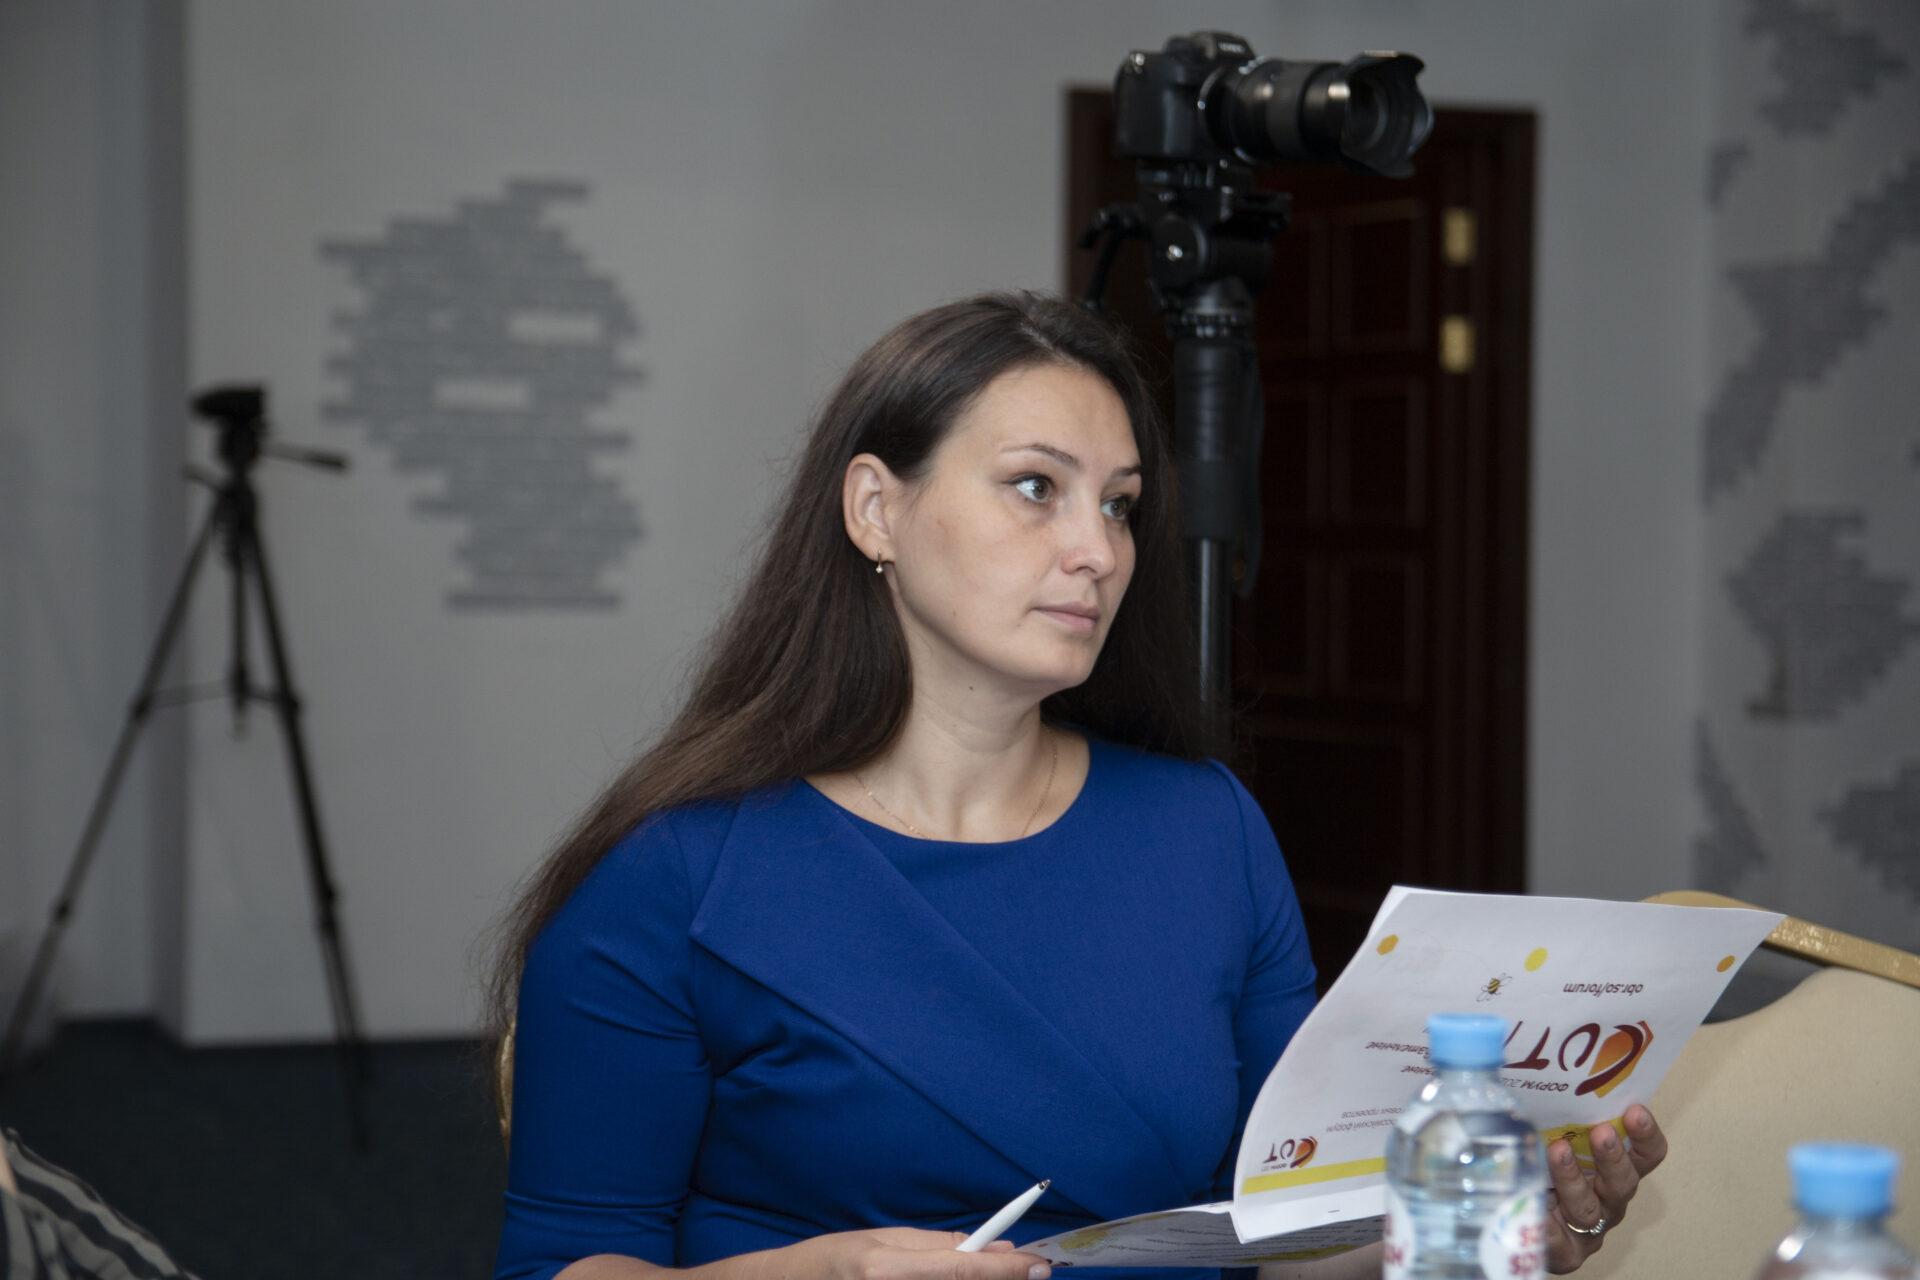 Комиссия рассмотрела 1850 заявок на гранты СОТ 2021: эксперт Наталия Махно